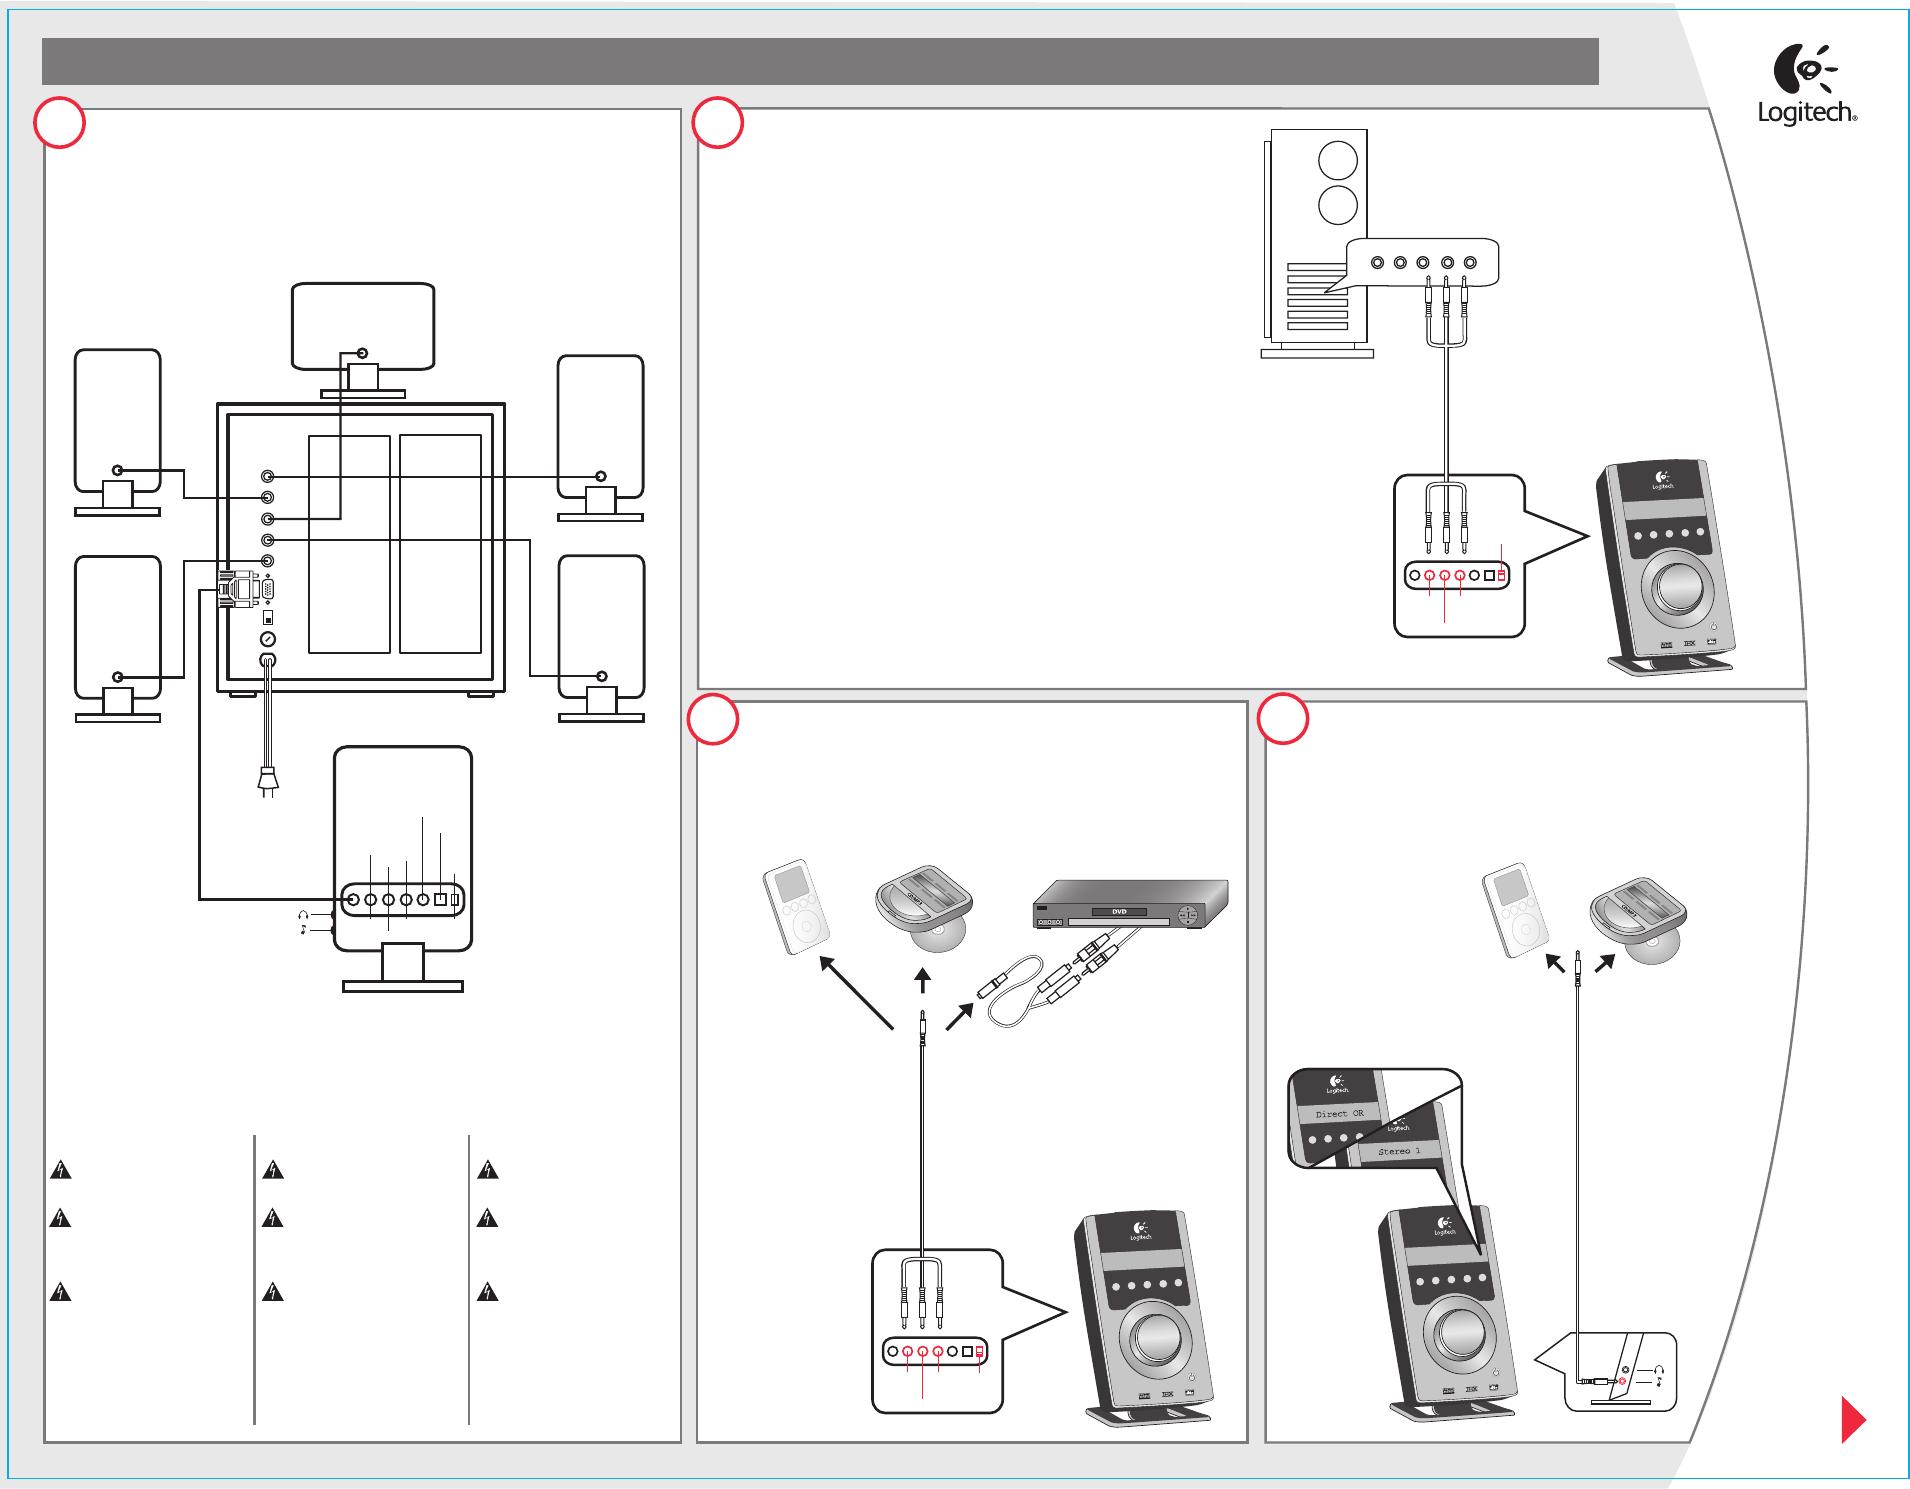 Ram 5500 Wiring Diagram Manual Guide